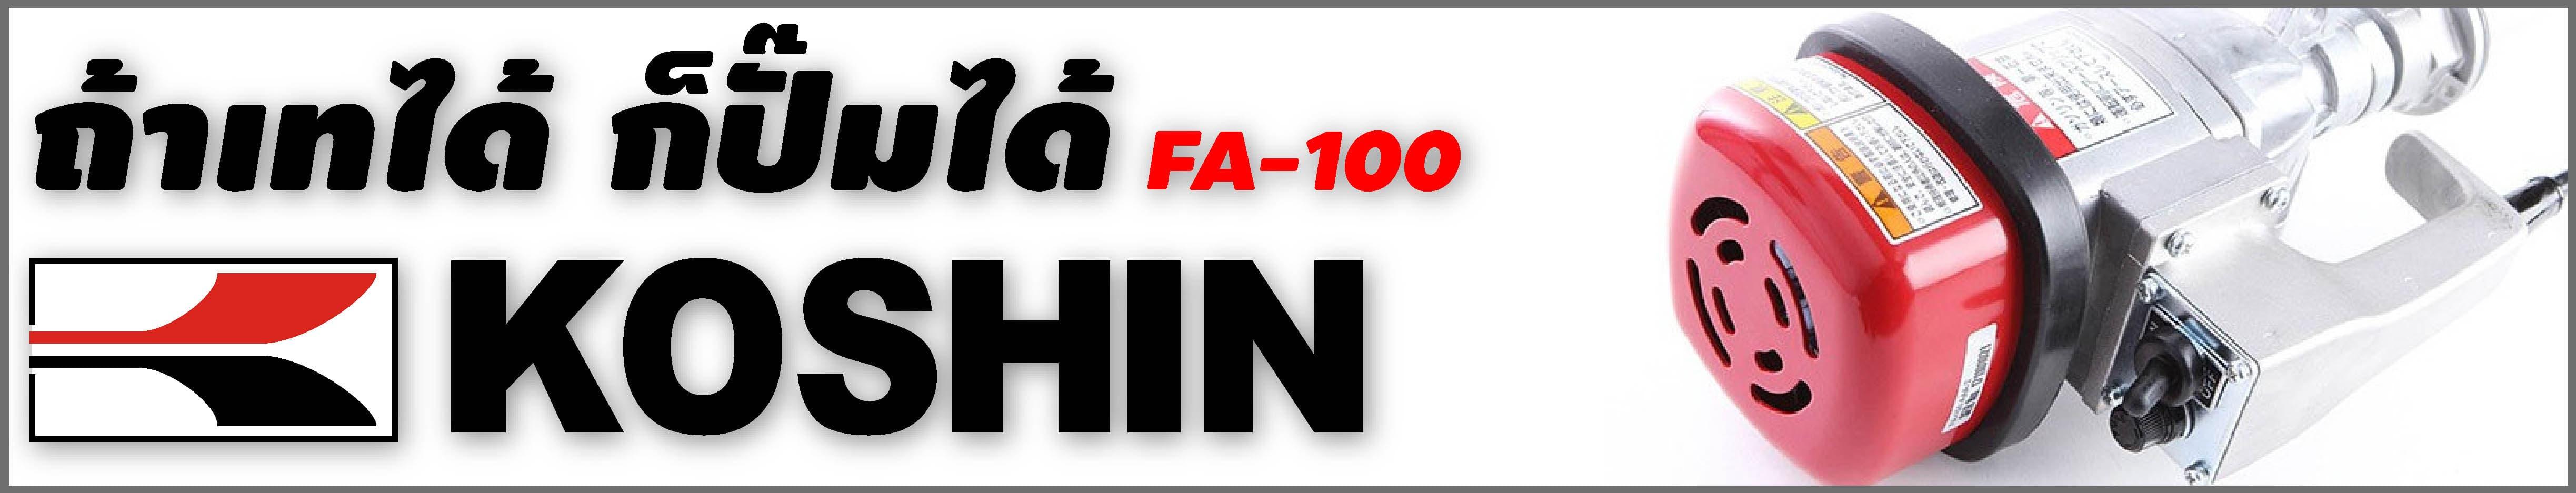 KOSHIN FA100 ปั๊มดูดน้ำมันไฟฟ้า จากถัง 200 ลิตร